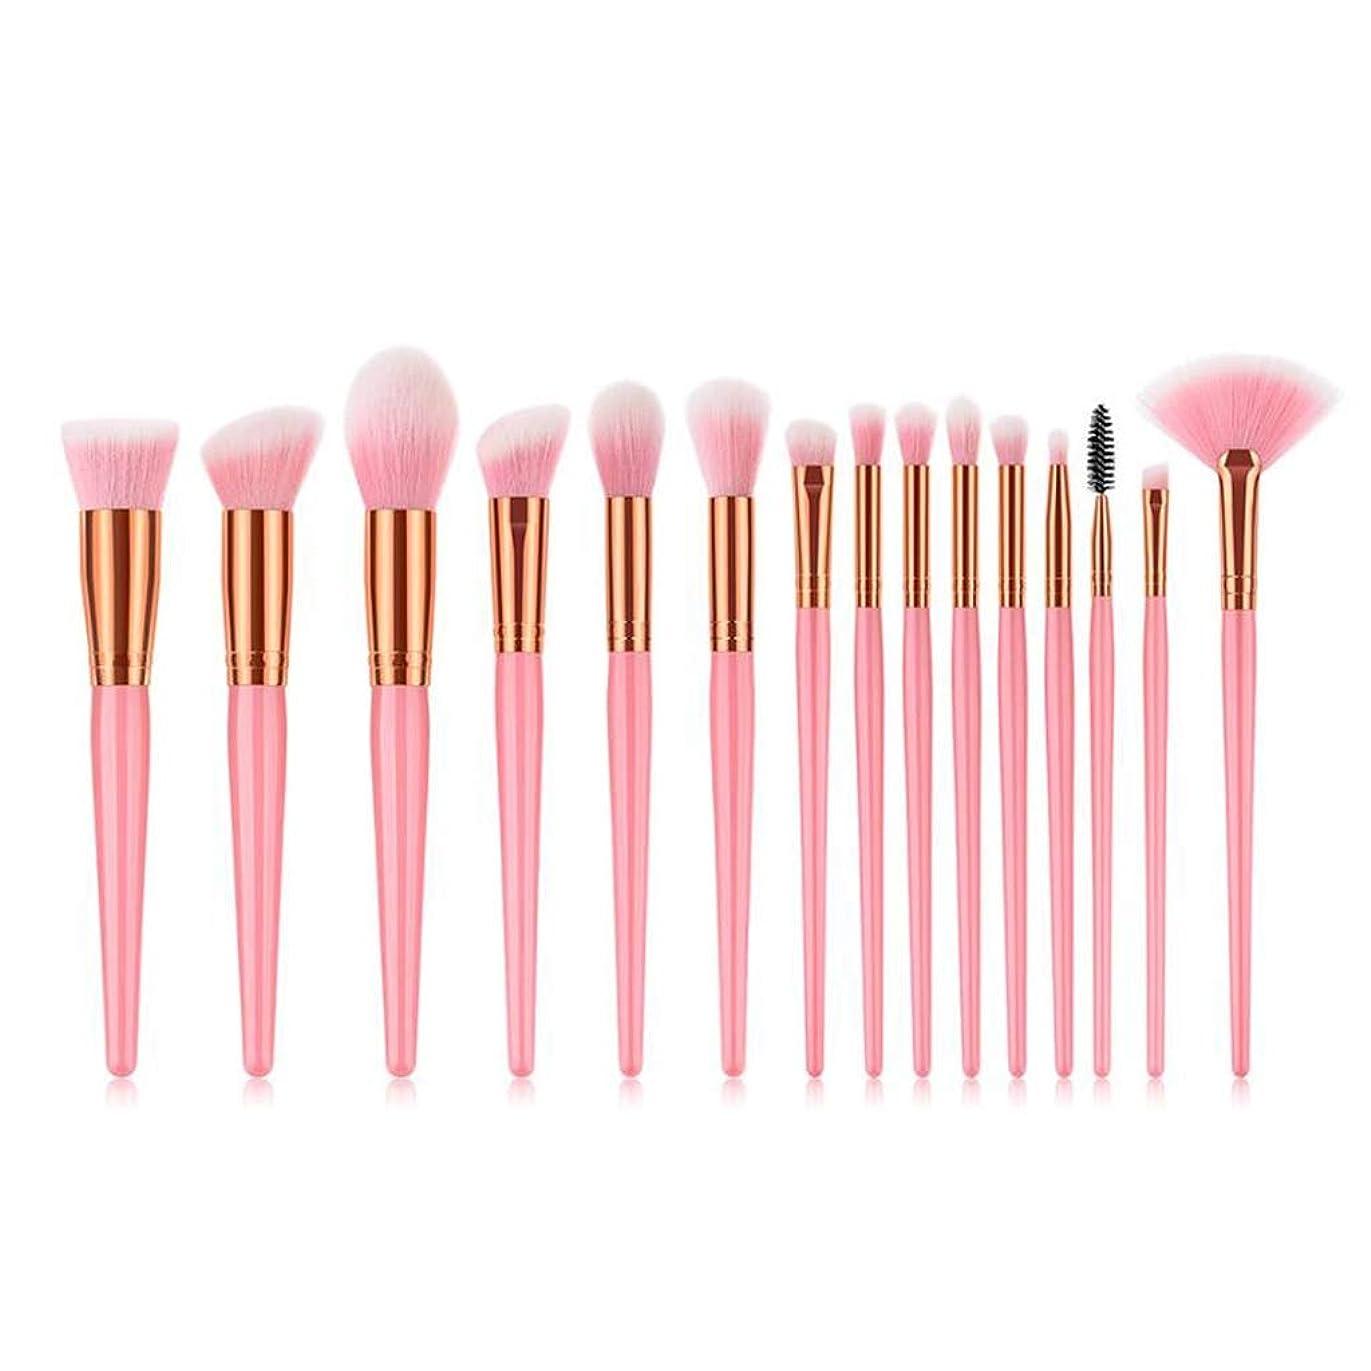 タバコナプキン豊富に15個化粧ブラシセット、ファンデーションブラッシュブラシアイシャドウソフトブラシ、美容メイクアップツール (色 : ピンク)